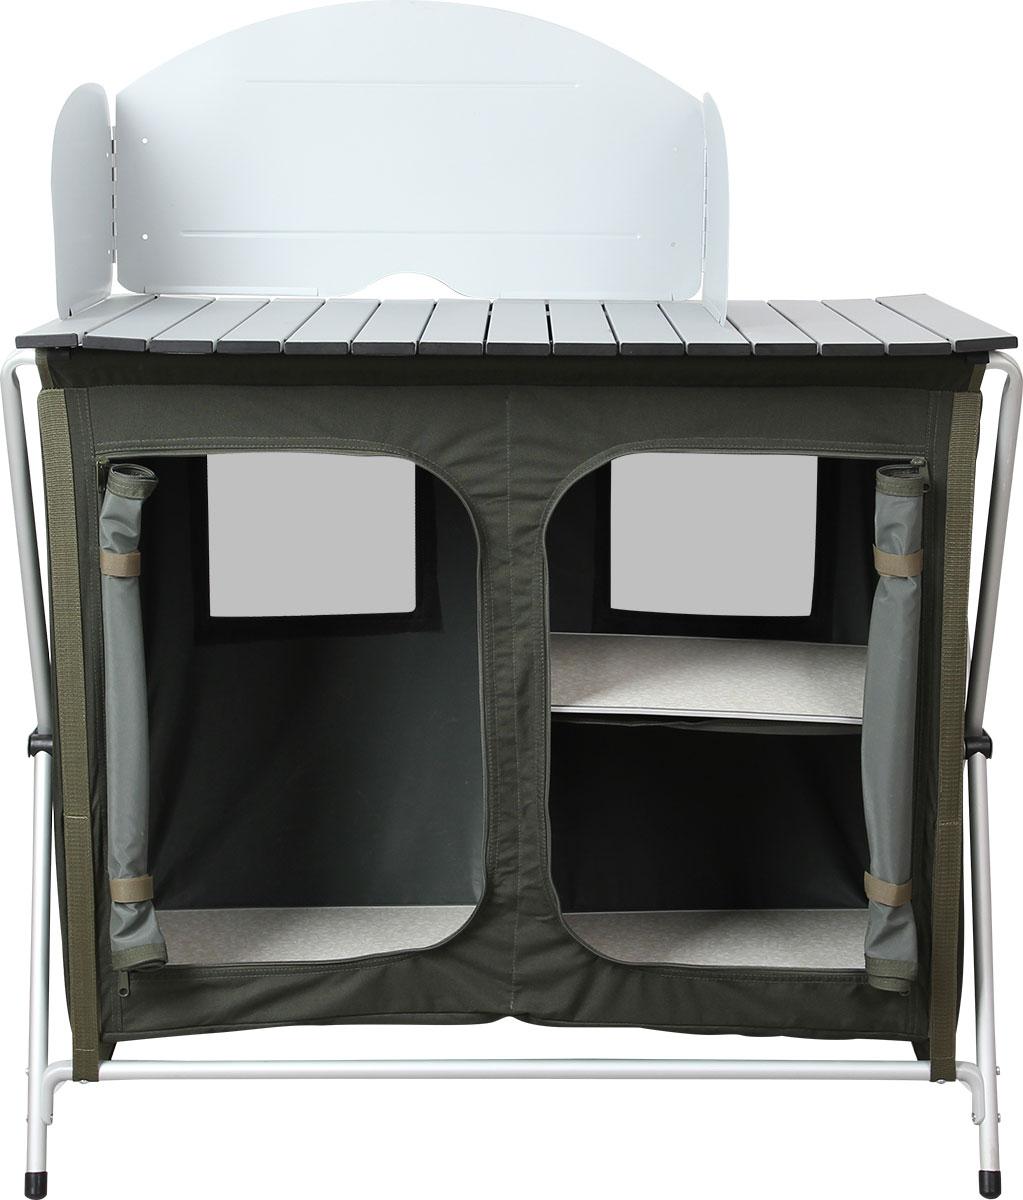 Стол кухонный складной Сплав TR - 94 ( 5060936 )